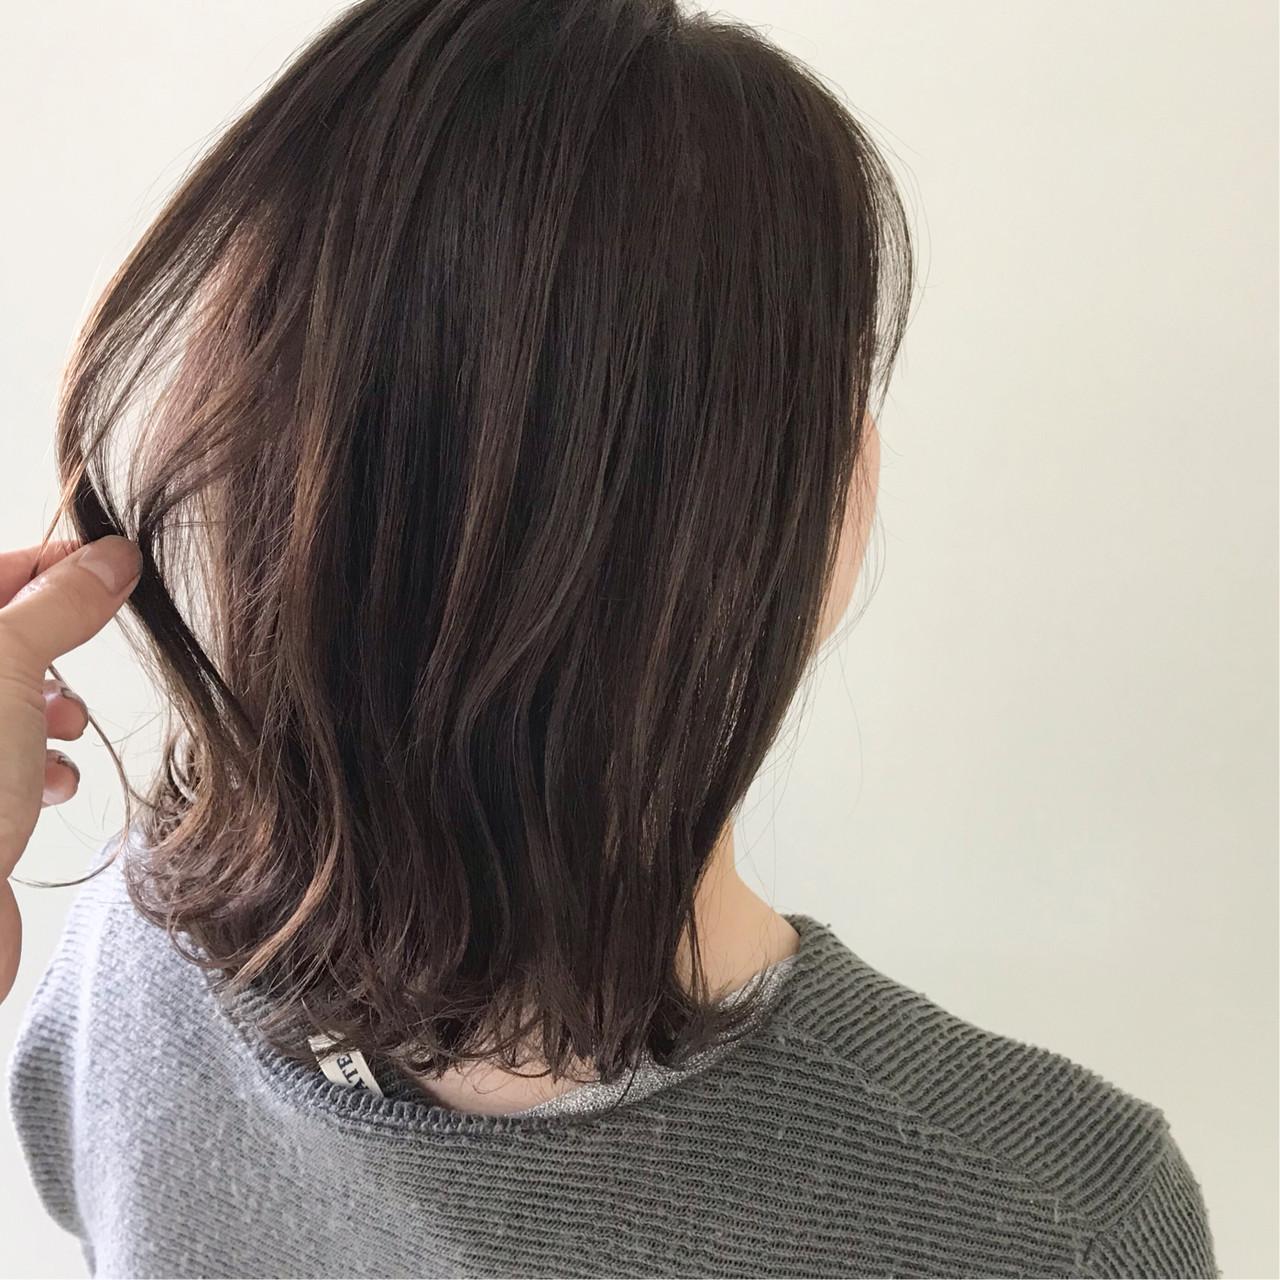 アンニュイほつれヘア オフィス 外ハネボブ デート ヘアスタイルや髪型の写真・画像